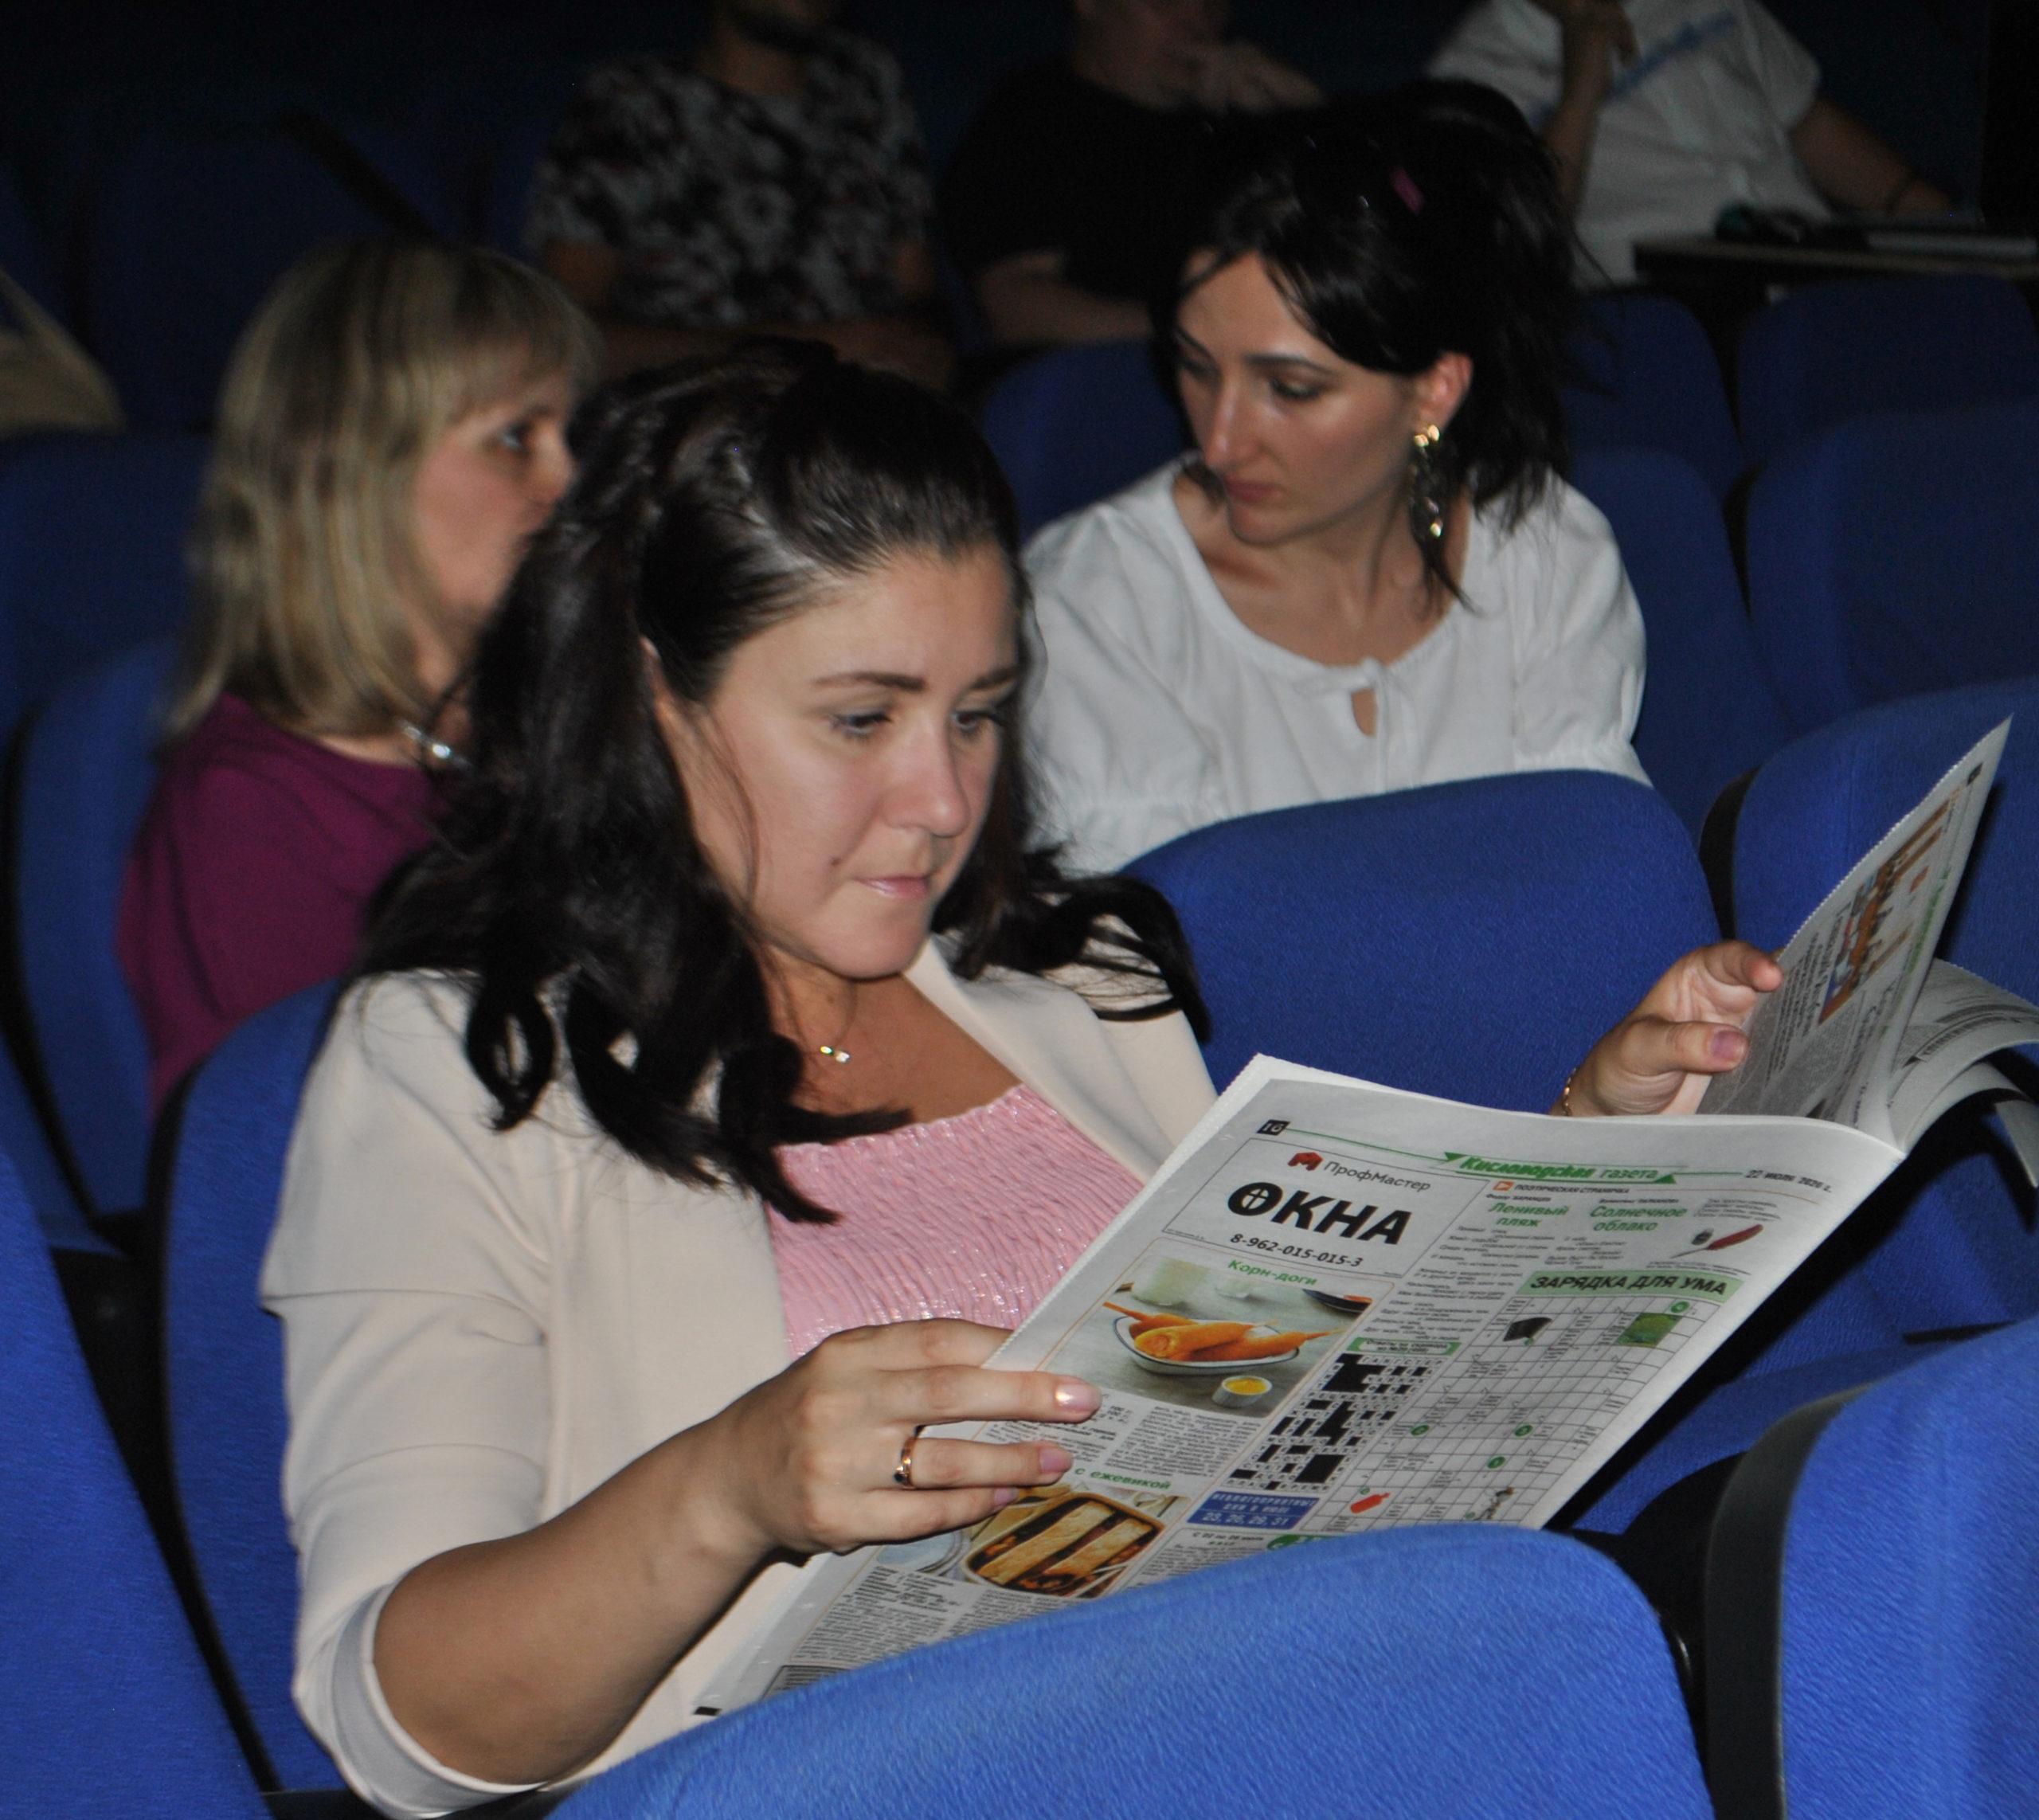 Представители более сорока российских СМИ собрались на фестиваль «Моя провинция» в Кисловодск